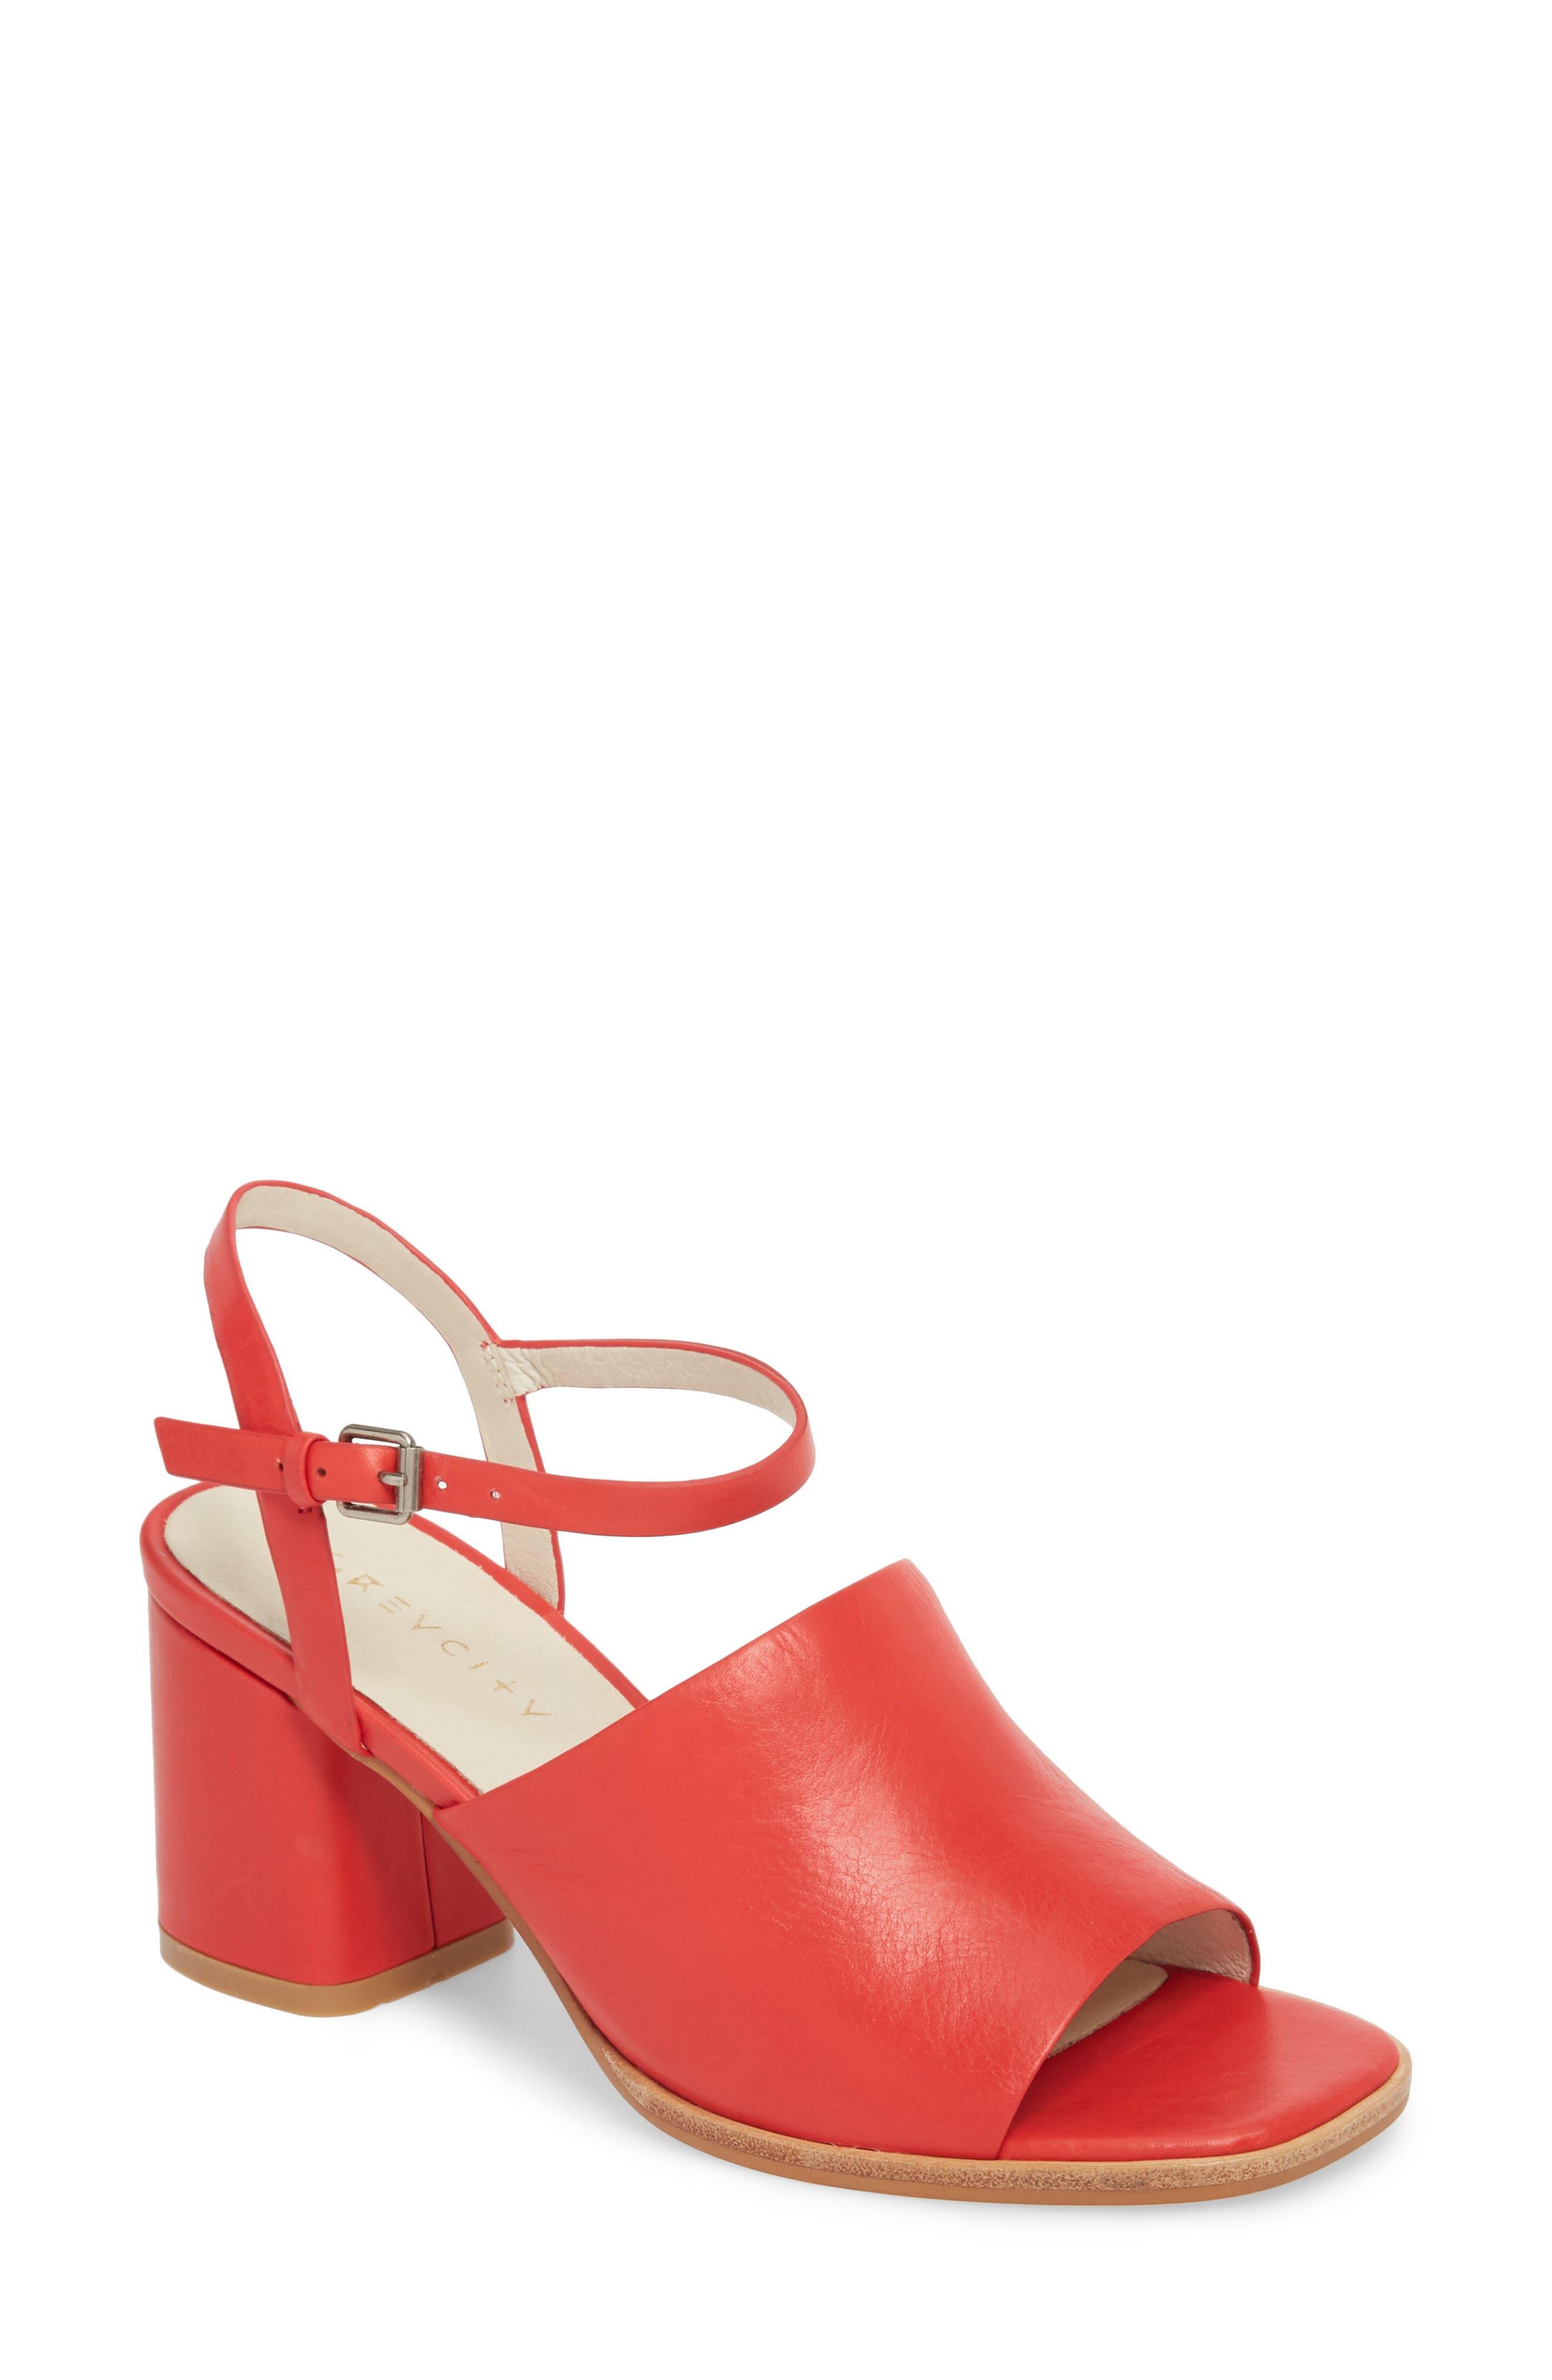 Renae Sandal,                         Main,                         color, RED